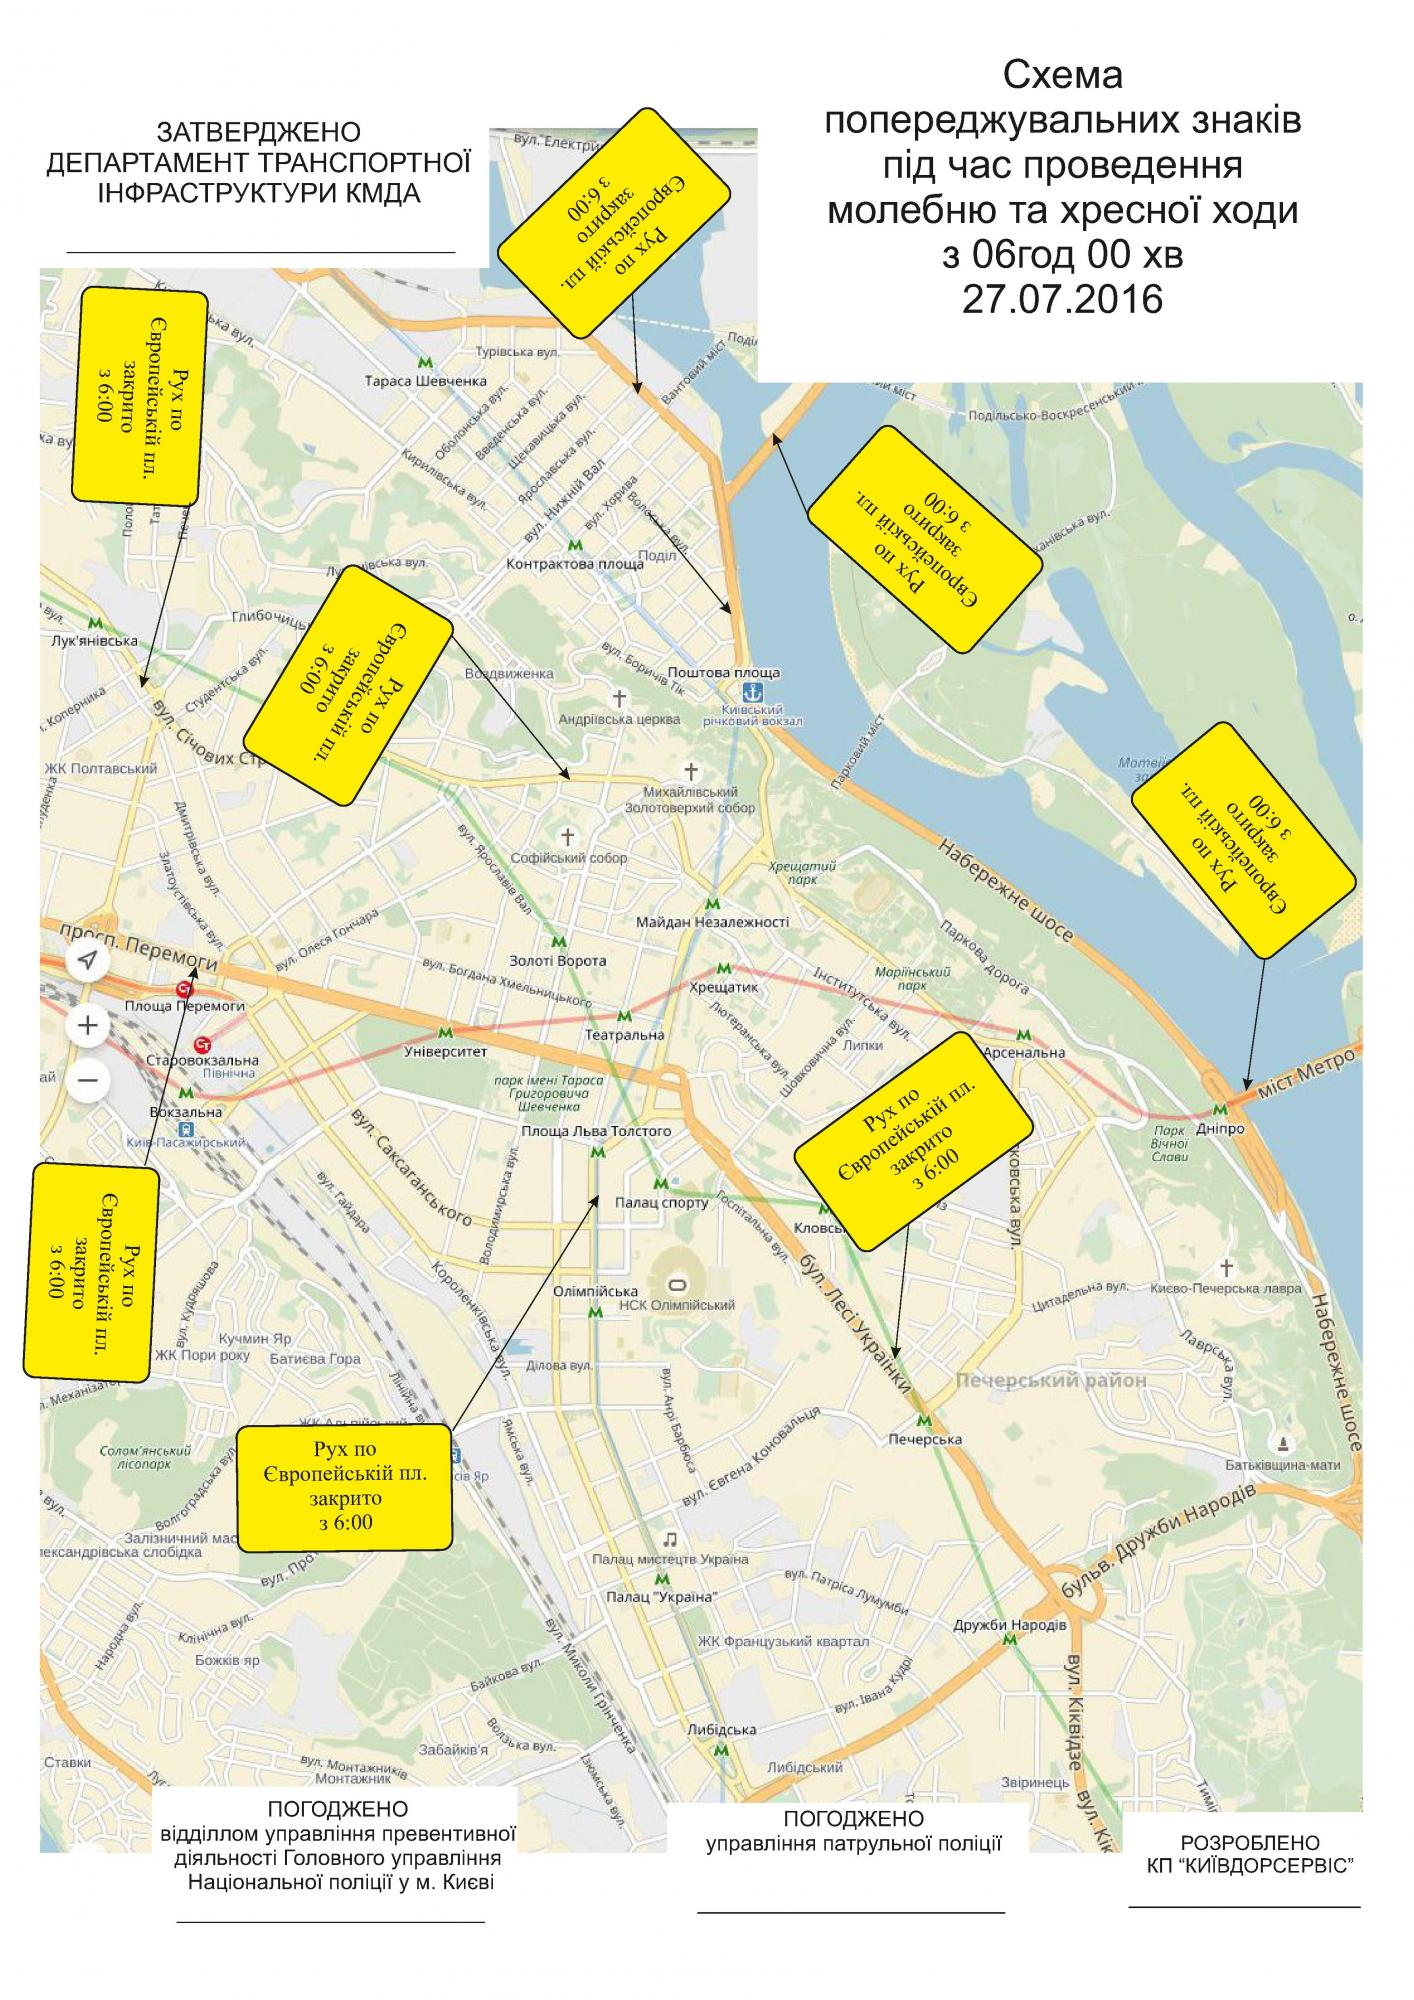 движение по столице перекроют 27 июля